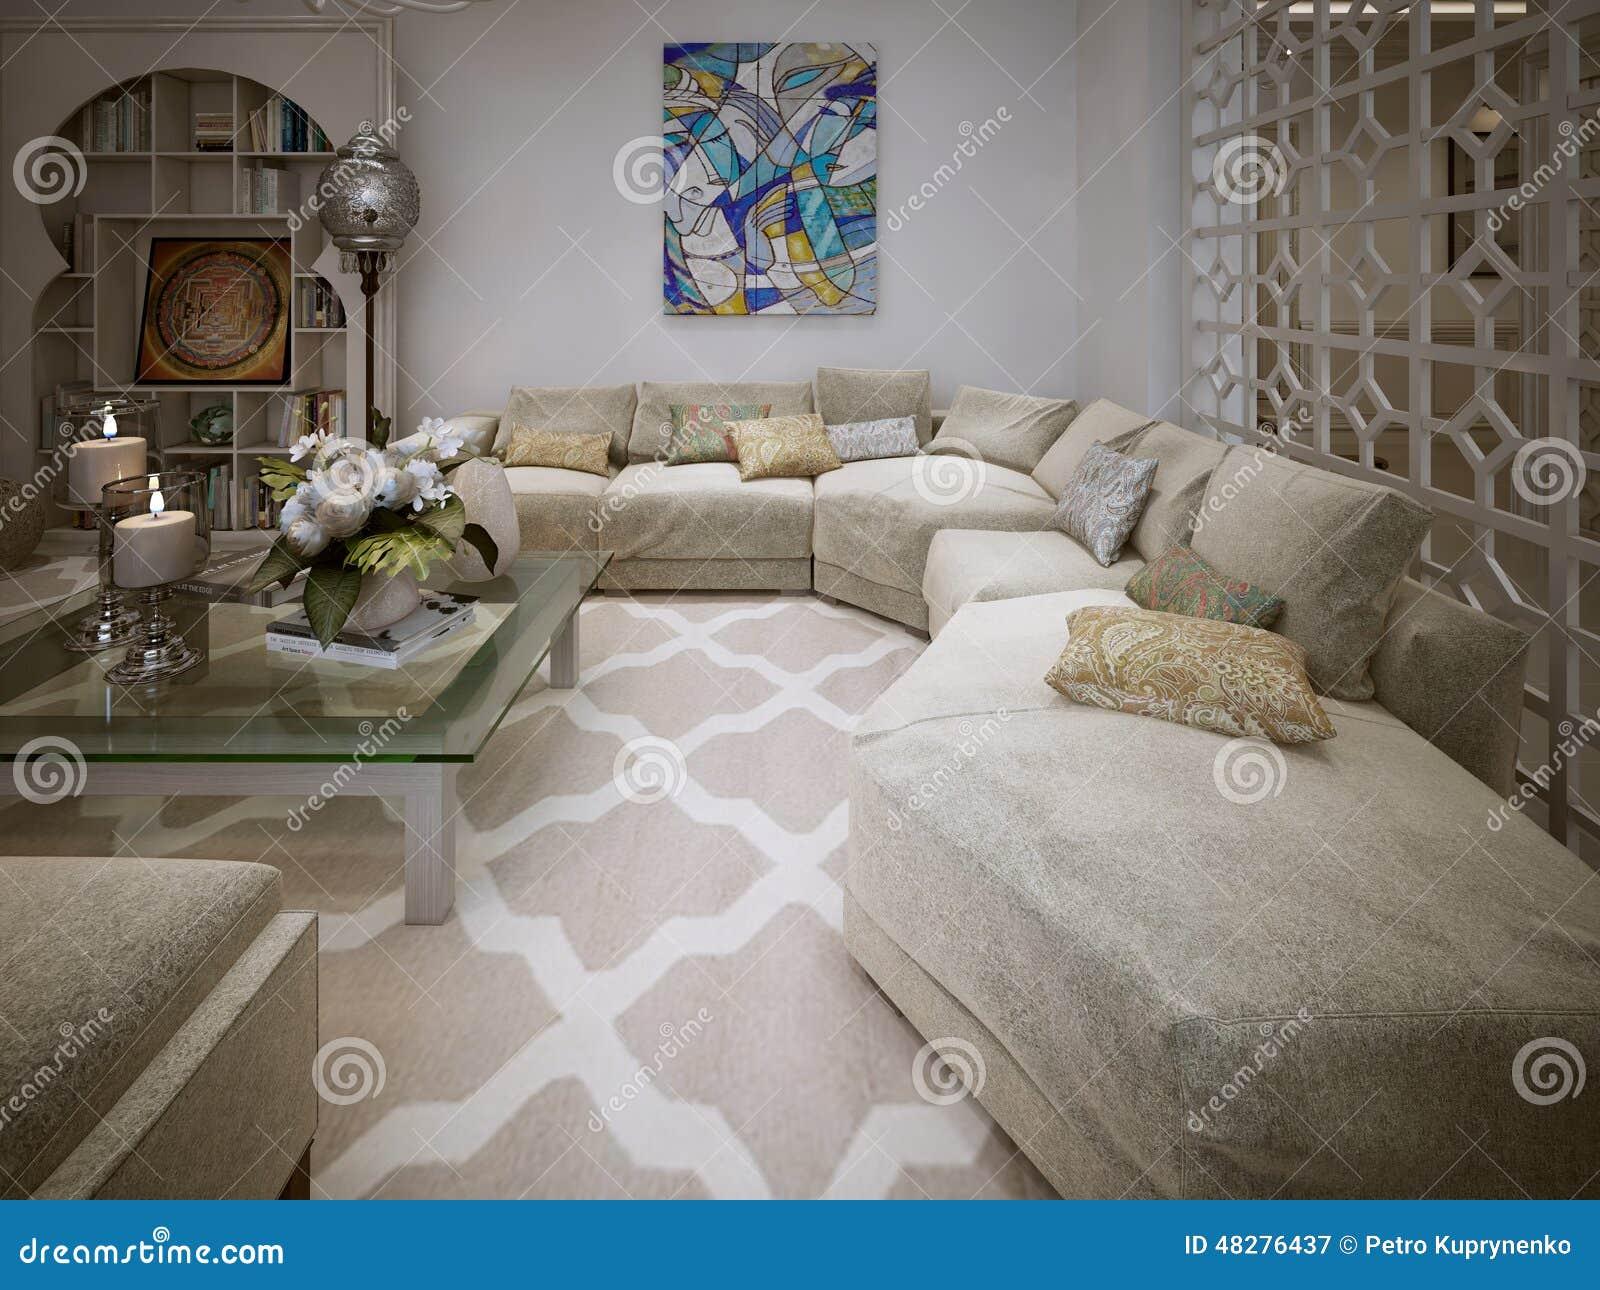 Arabische Inrichting Slaapkamer : Woonkamer arabische stijl stock illustratie illustratie bestaande